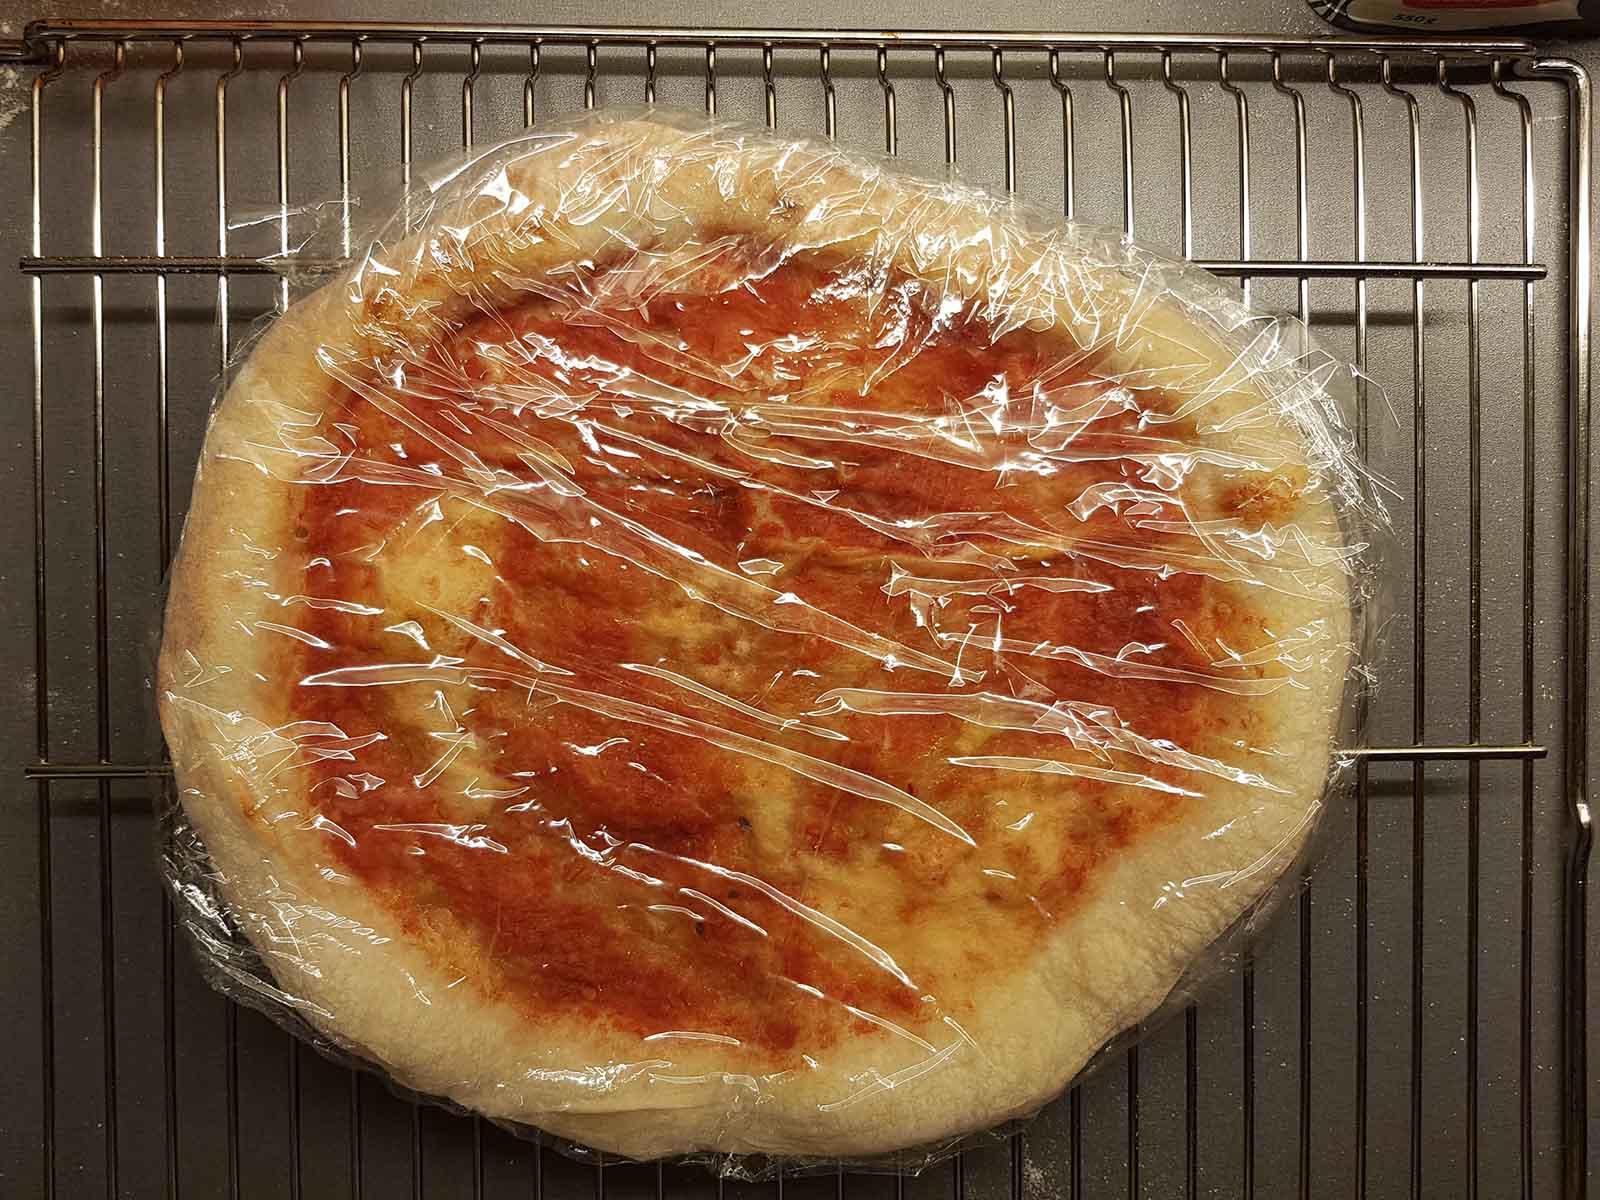 PIZZA IN PLASTIC WRAP CÓMO HACER UNA INCREÍBLE PIZZA CONGELADA CASERA